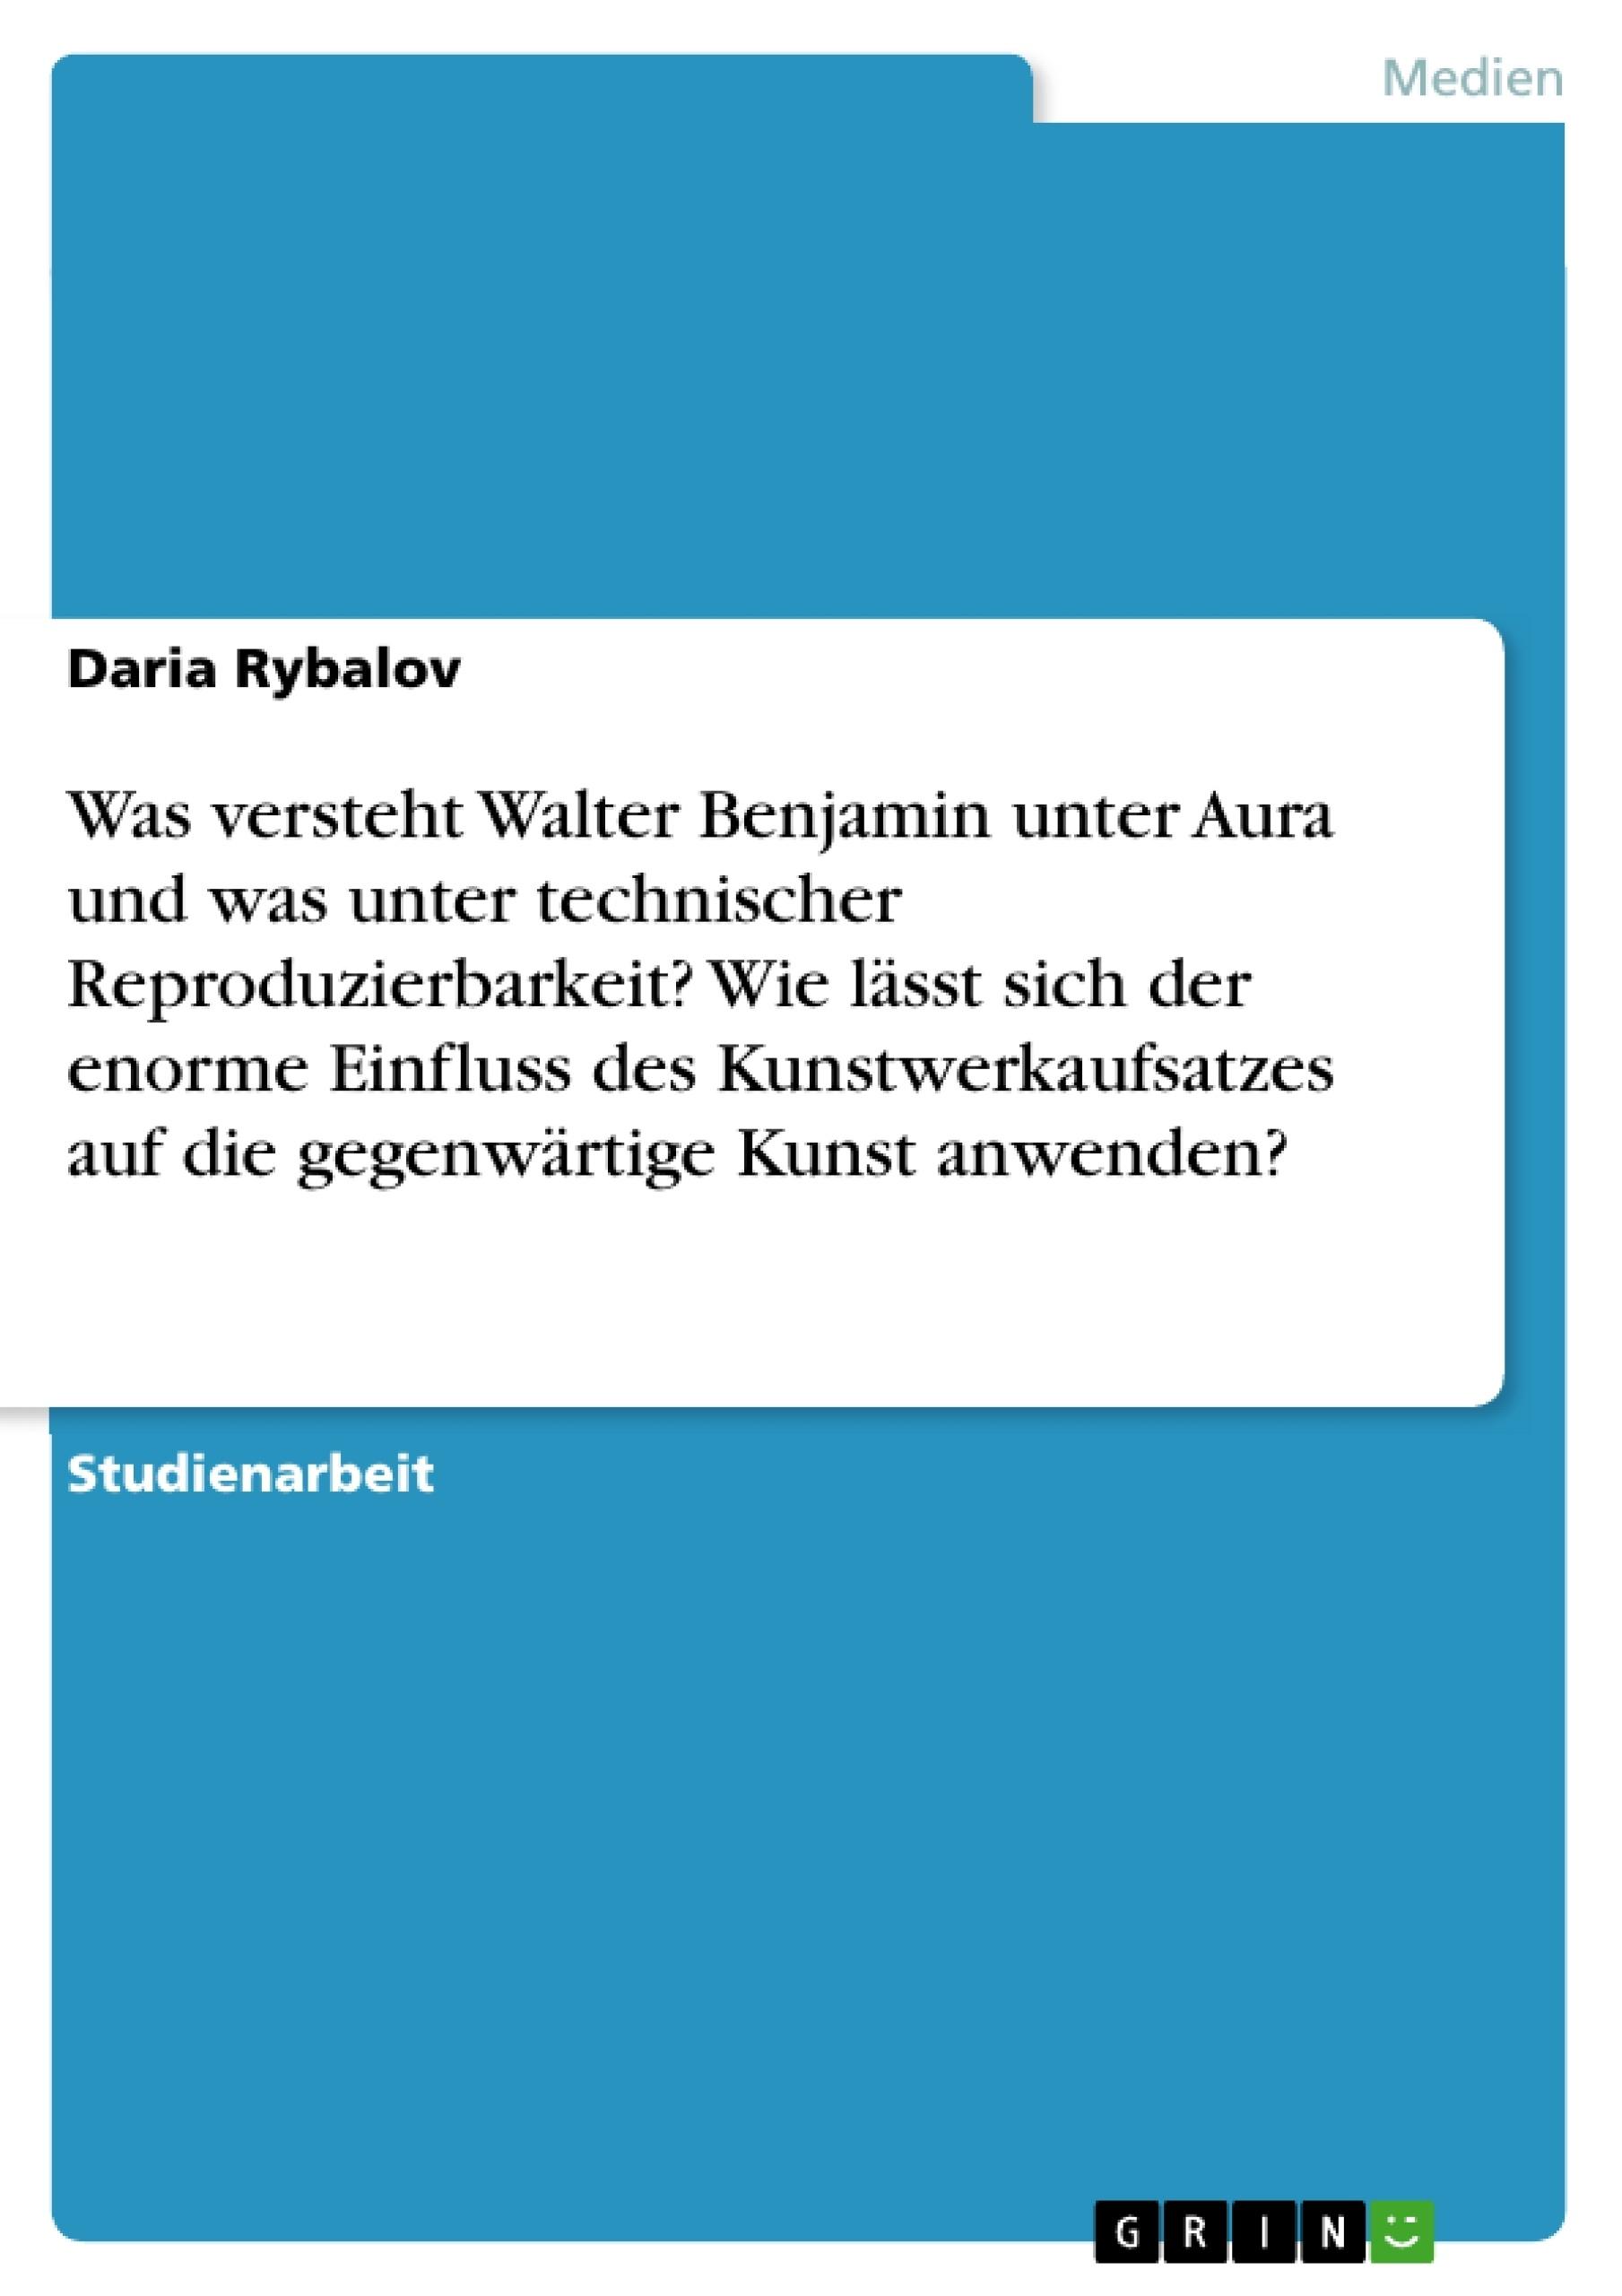 Titel: Was versteht Walter Benjamin unter Aura und was unter technischer Reproduzierbarkeit? Wie lässt sich der enorme Einfluss des Kunstwerkaufsatzes auf die gegenwärtige Kunst anwenden?